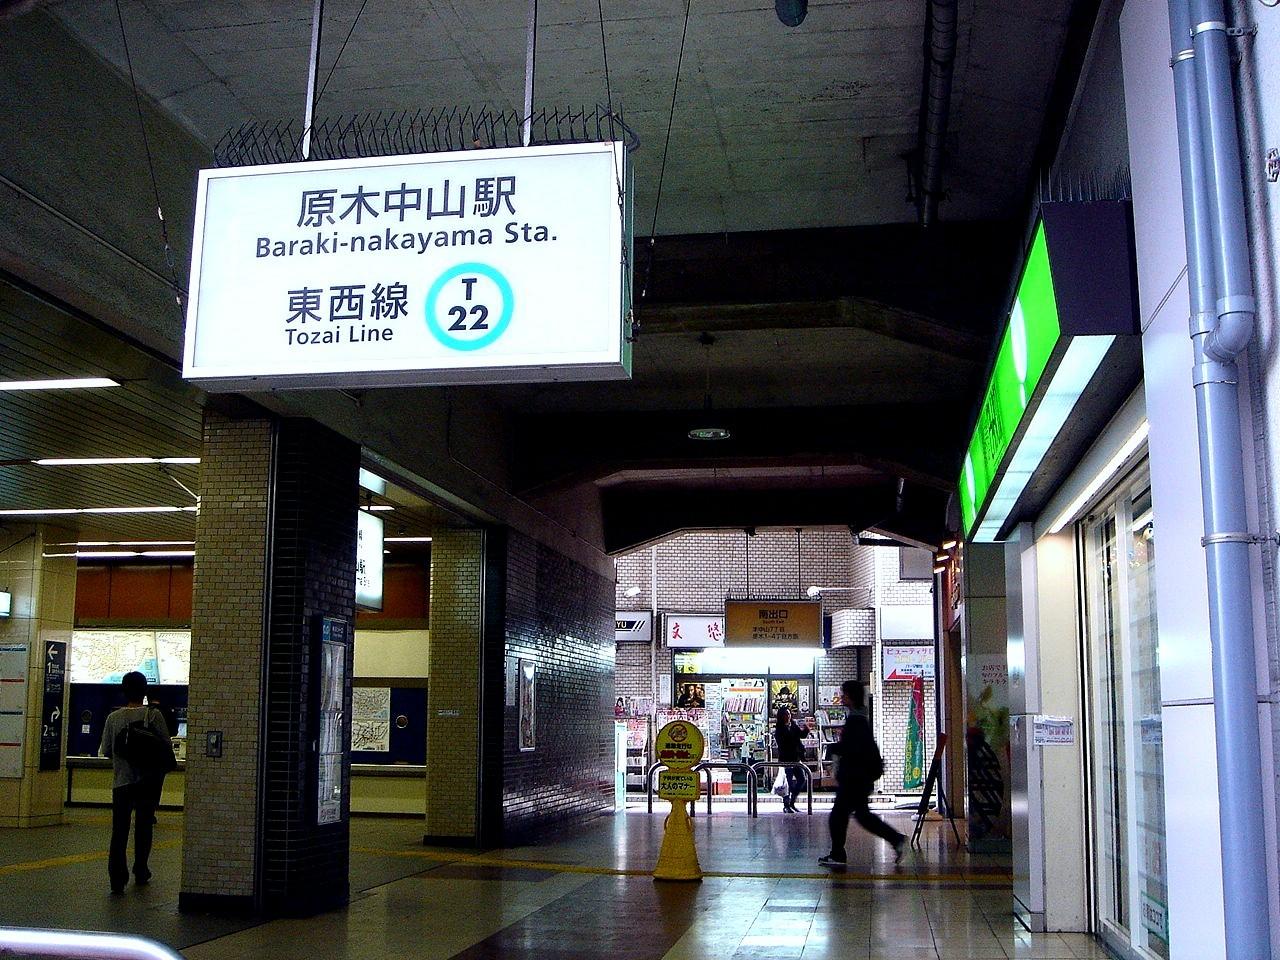 原木 中山 東京ベイ船橋ビビット2011part2 : 牛丼戦国時代@東京メトロ東西線原木